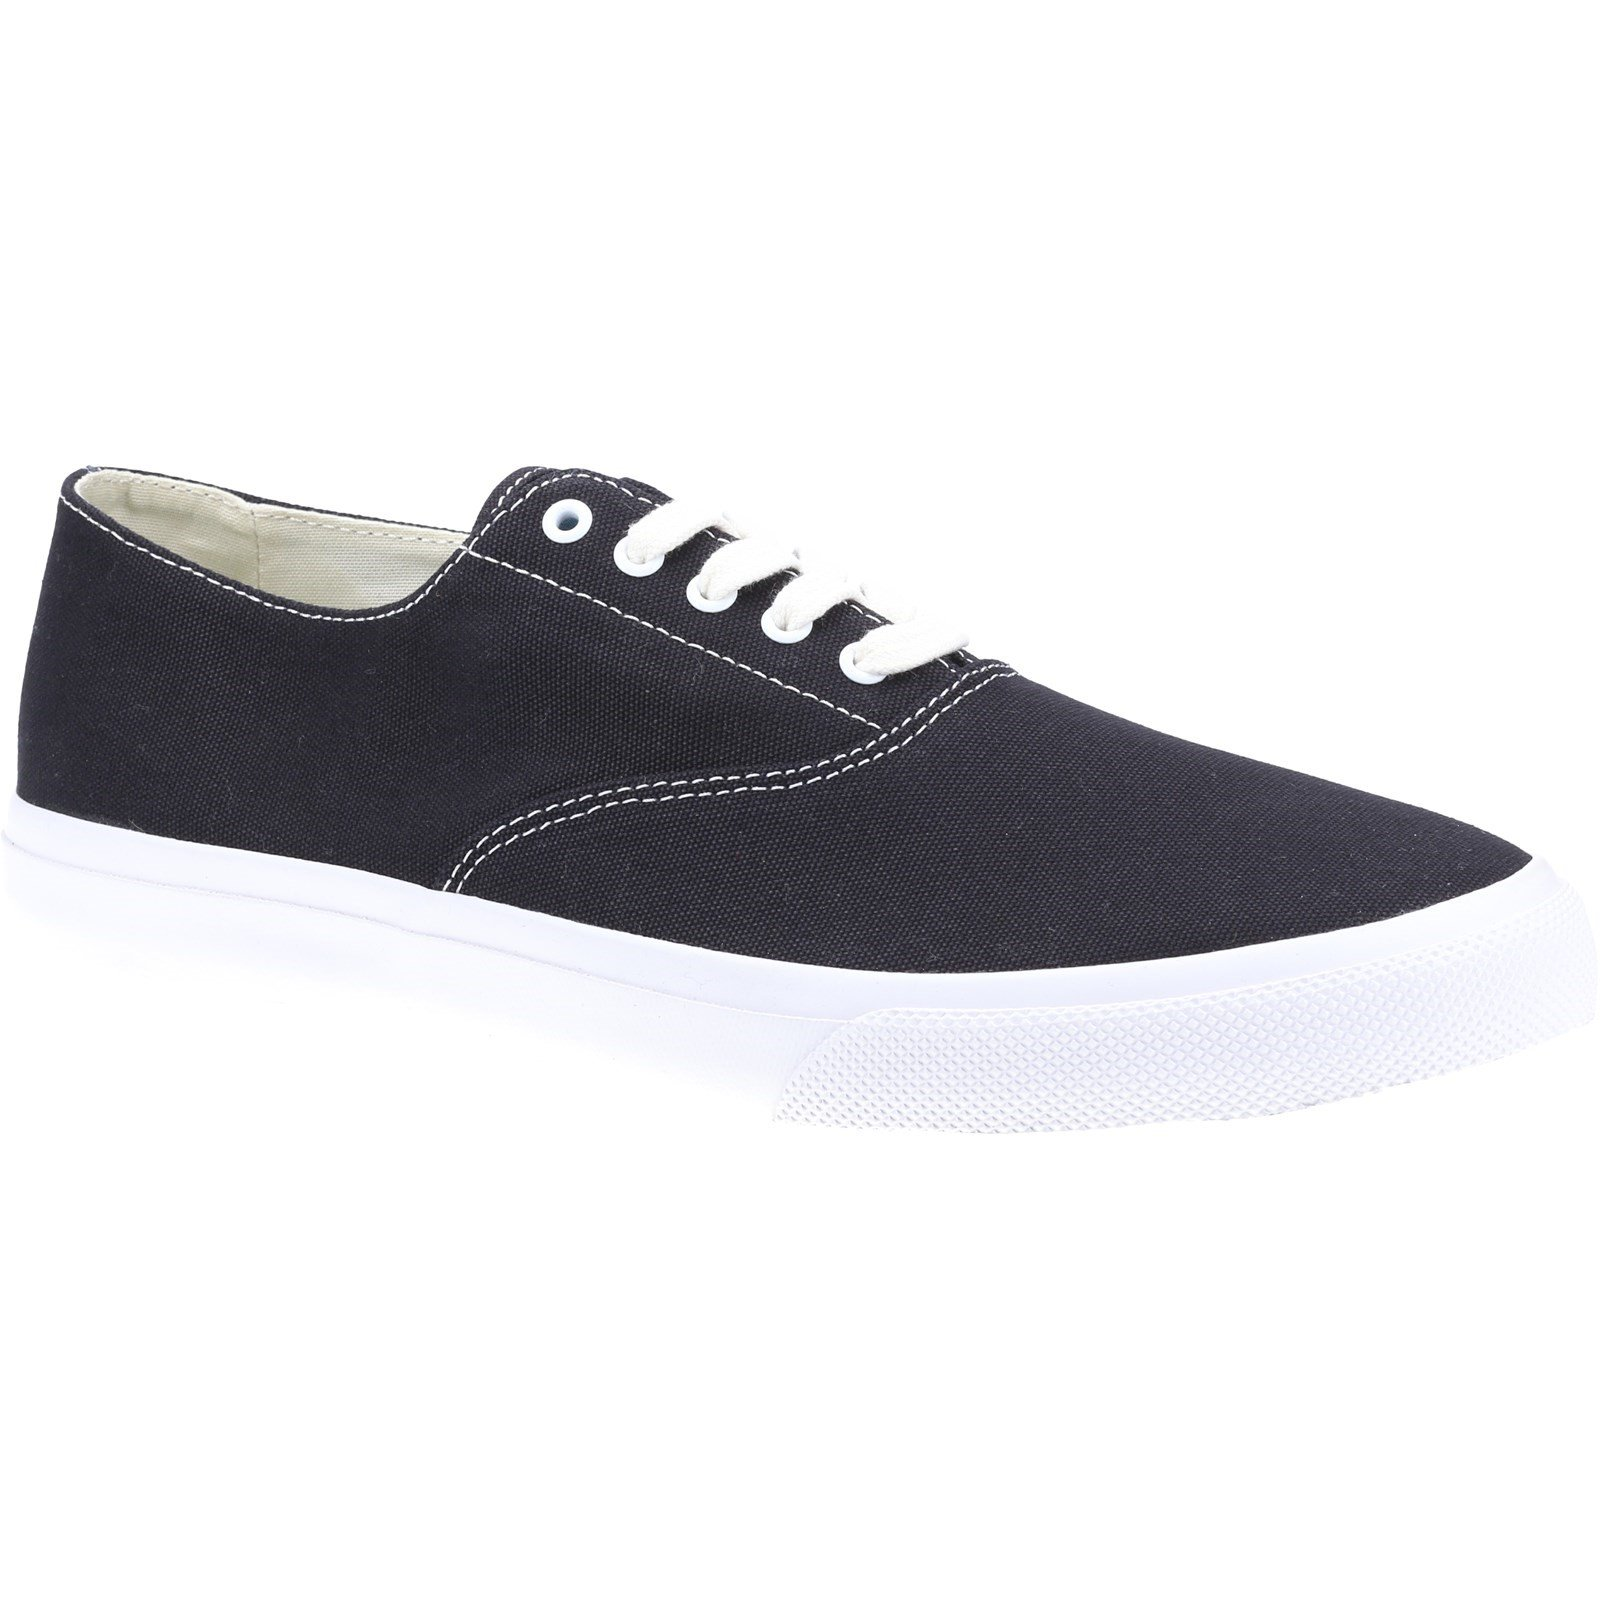 Sperry Men's Cloud CVO Boat Shoe Various Colours 33537 - Black 12